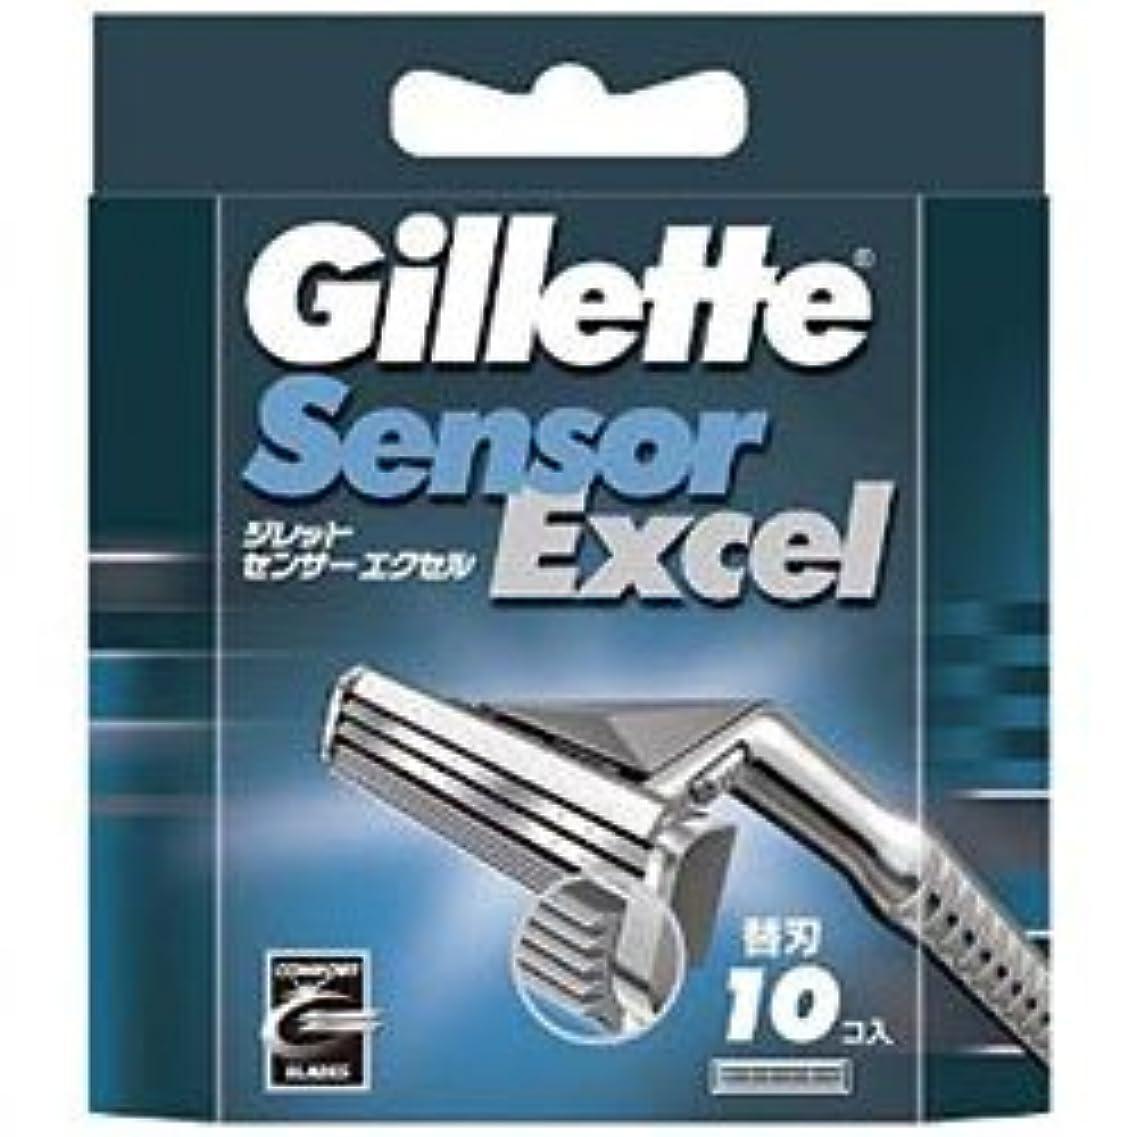 カメラ絶え間ない優先【P&G】ジレット センサーエクセル 専用替刃 10個入 ×3個セット